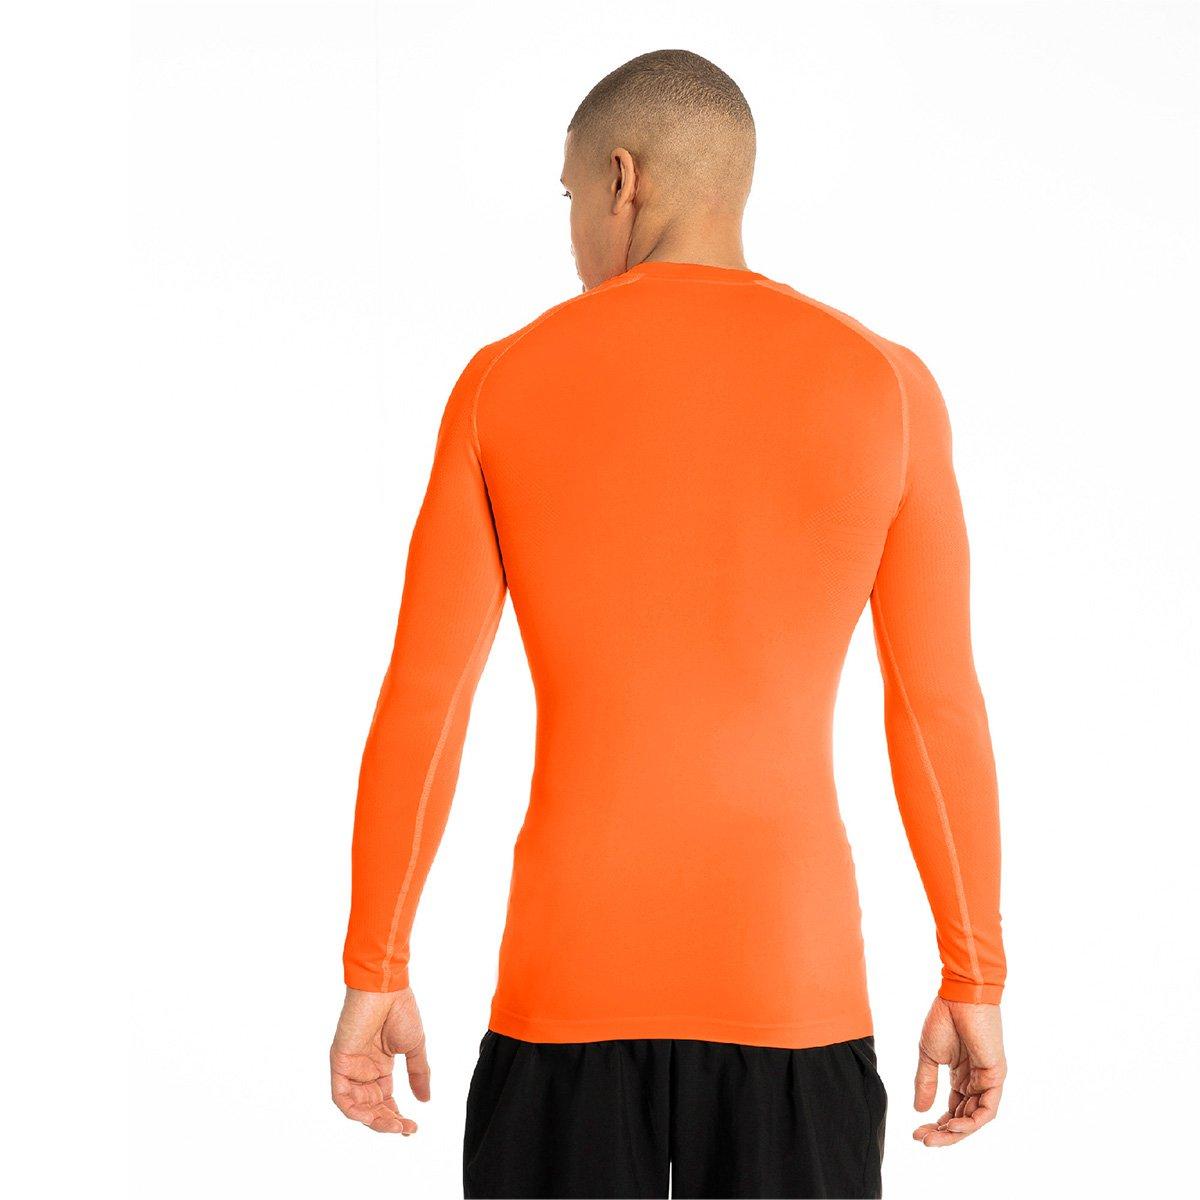 Camisa Puma Next Baselayer LS Manga Longa Masculina - Compre Agora ... 503b54079bd1d